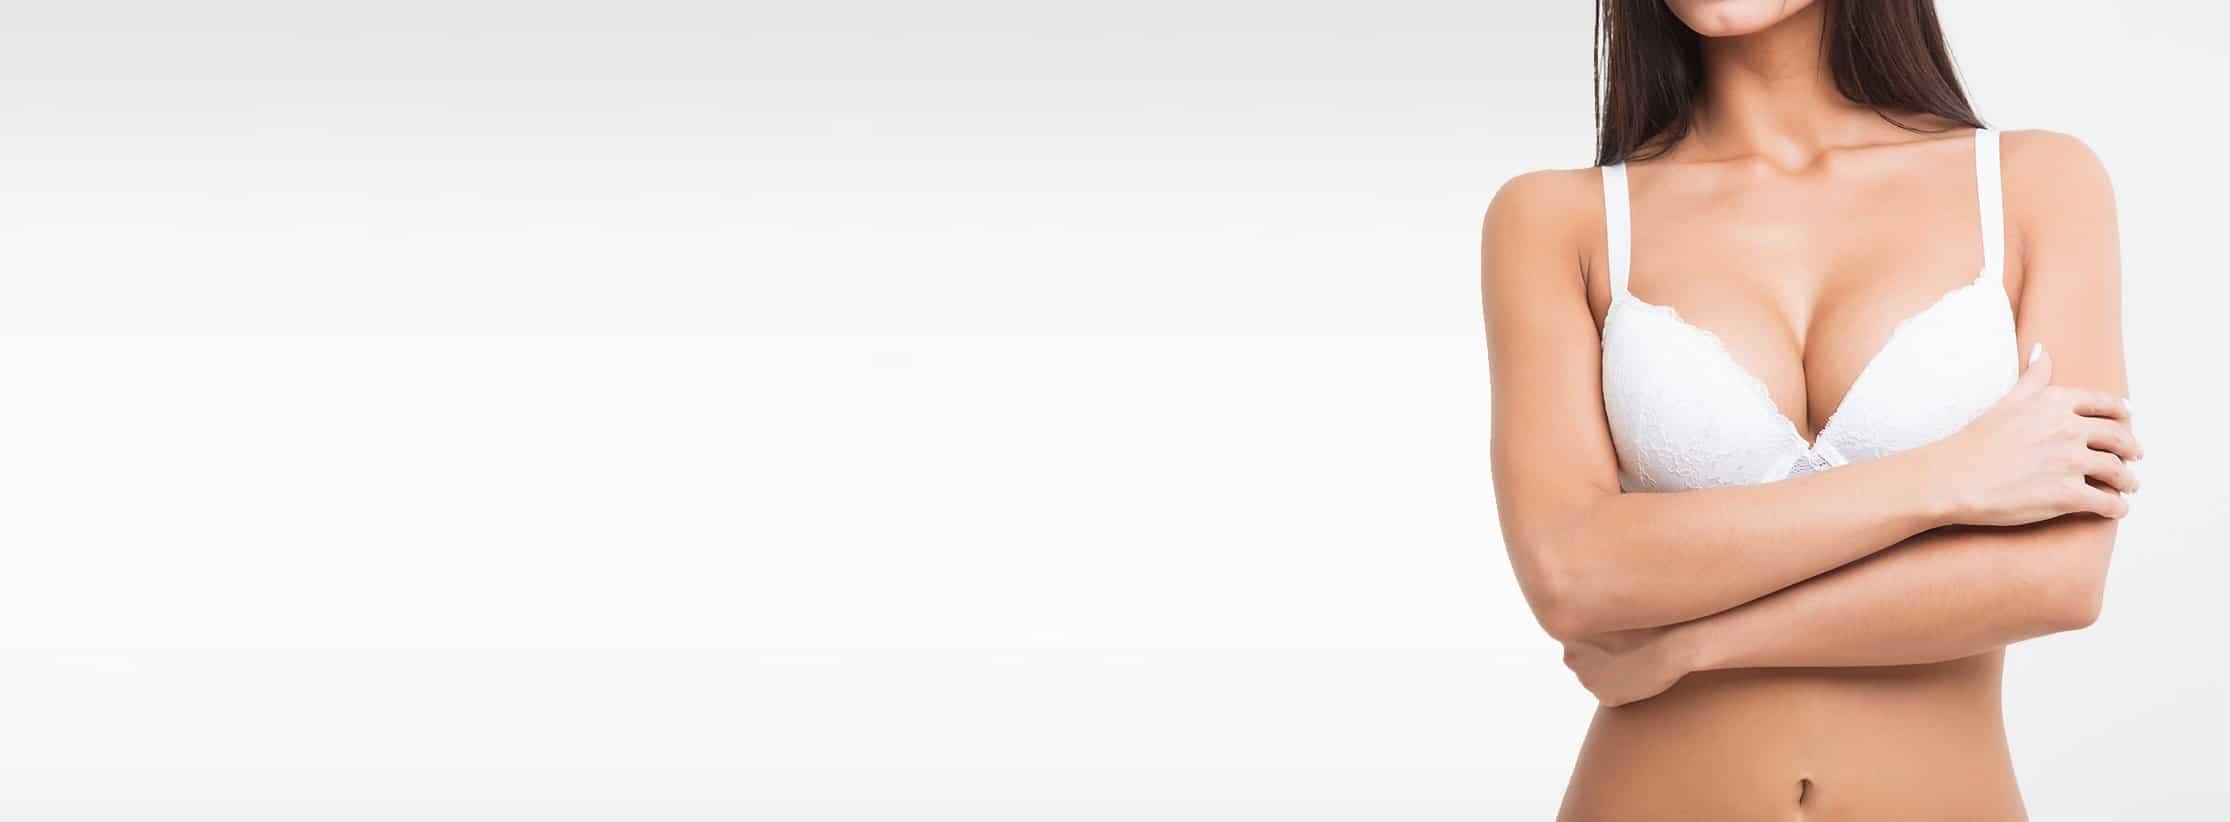 Header-Bild Reduktion der Brust bei Dr. H. W. Hörl